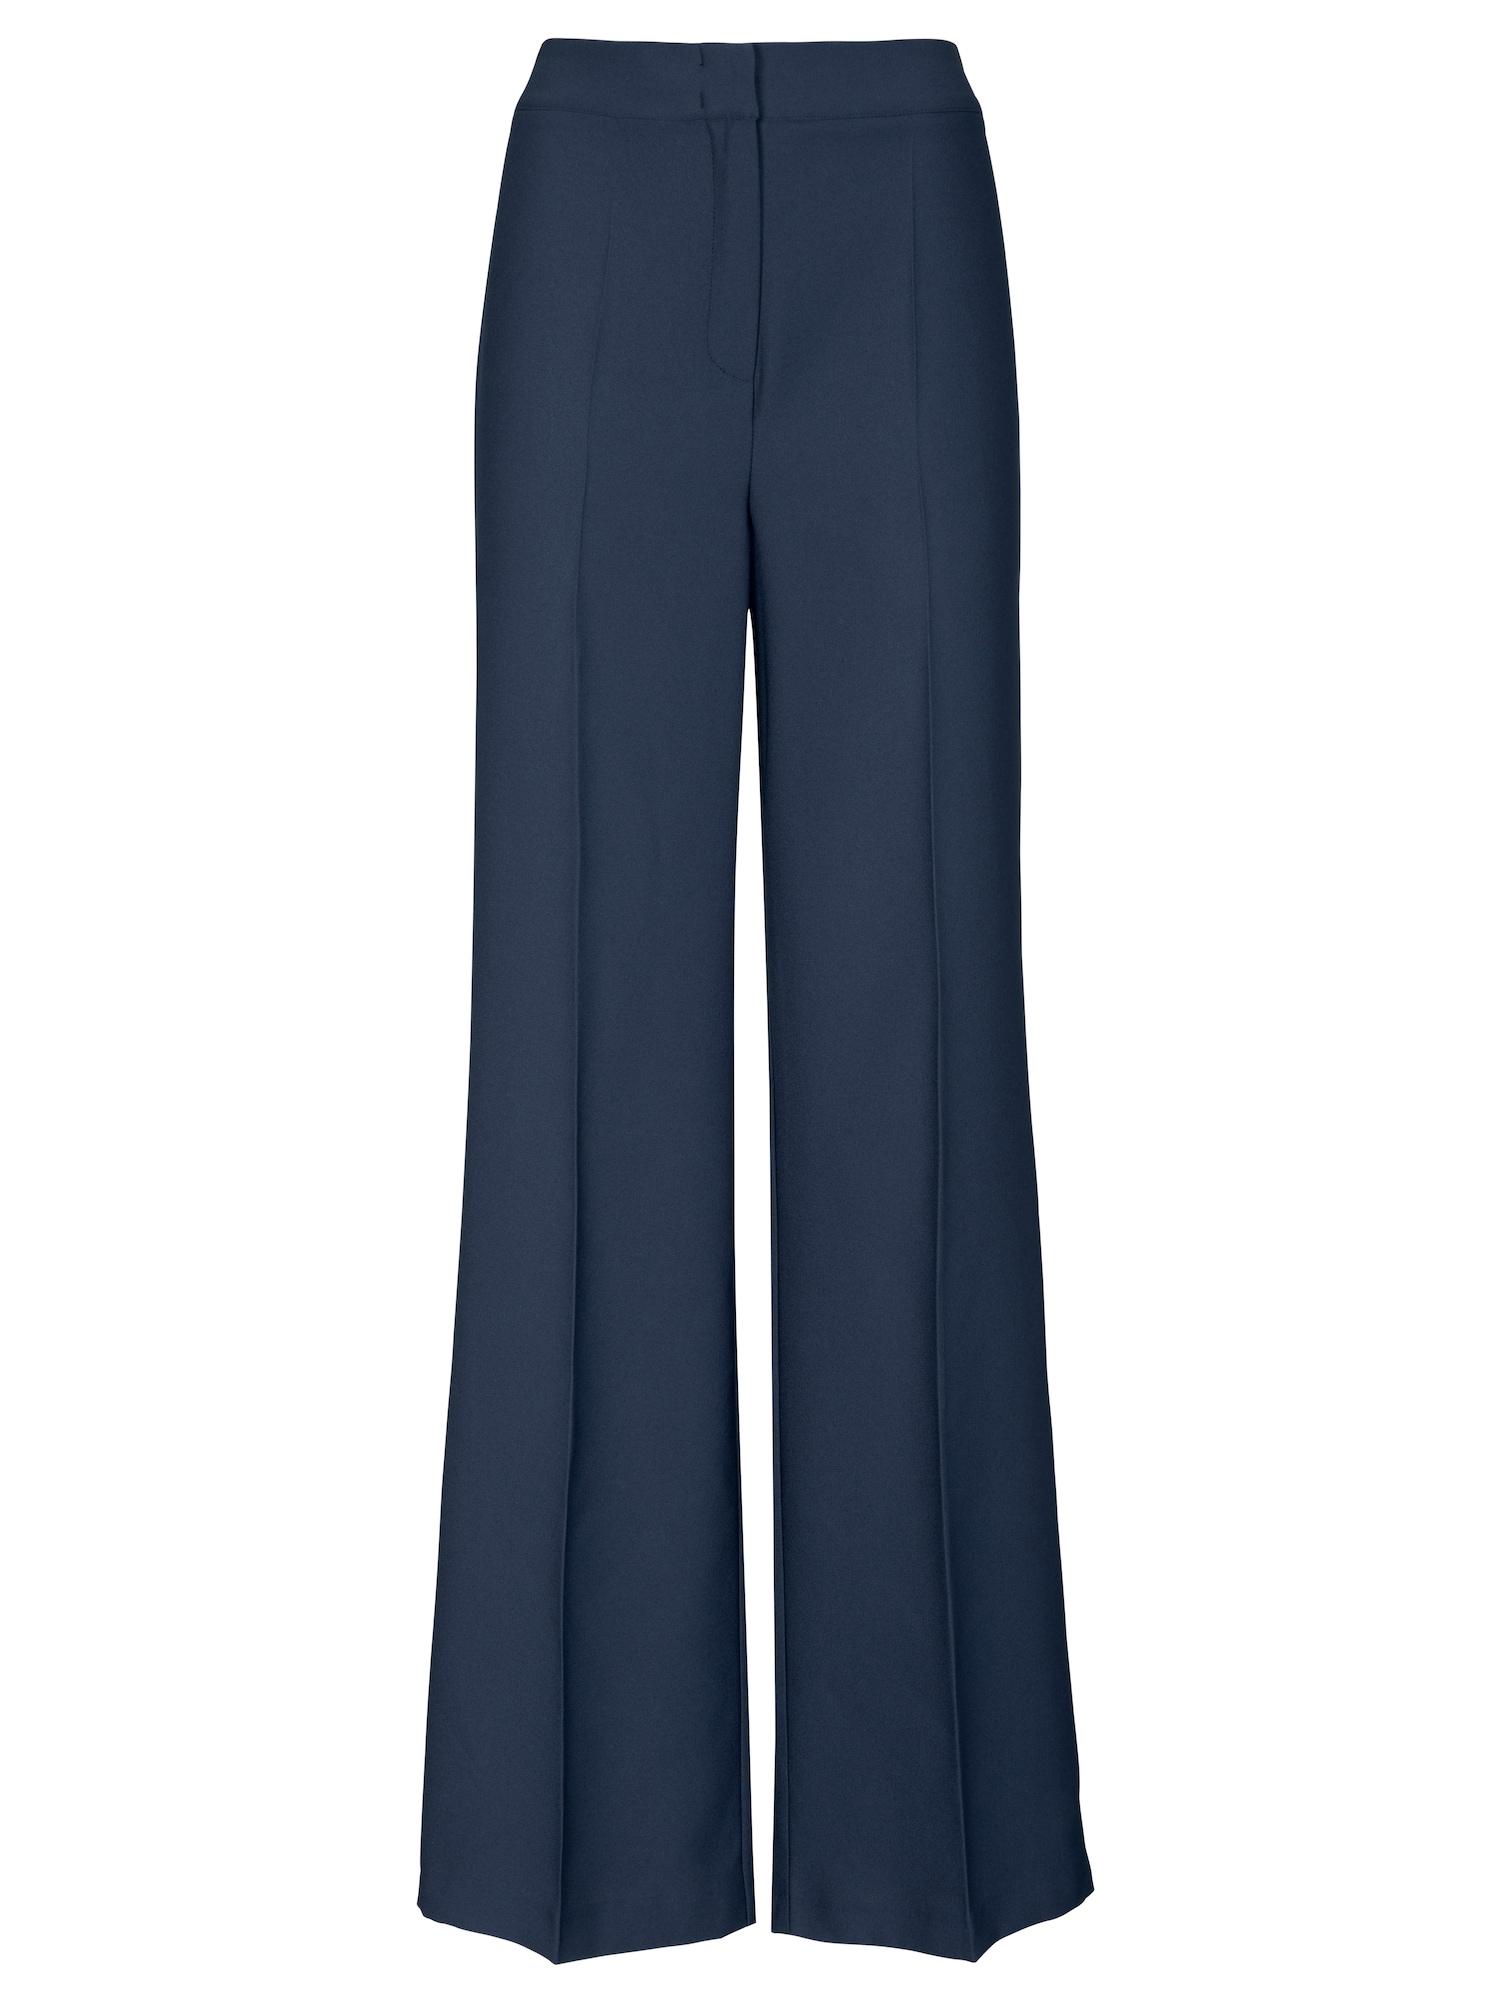 Kalhoty s puky marine modrá Heine